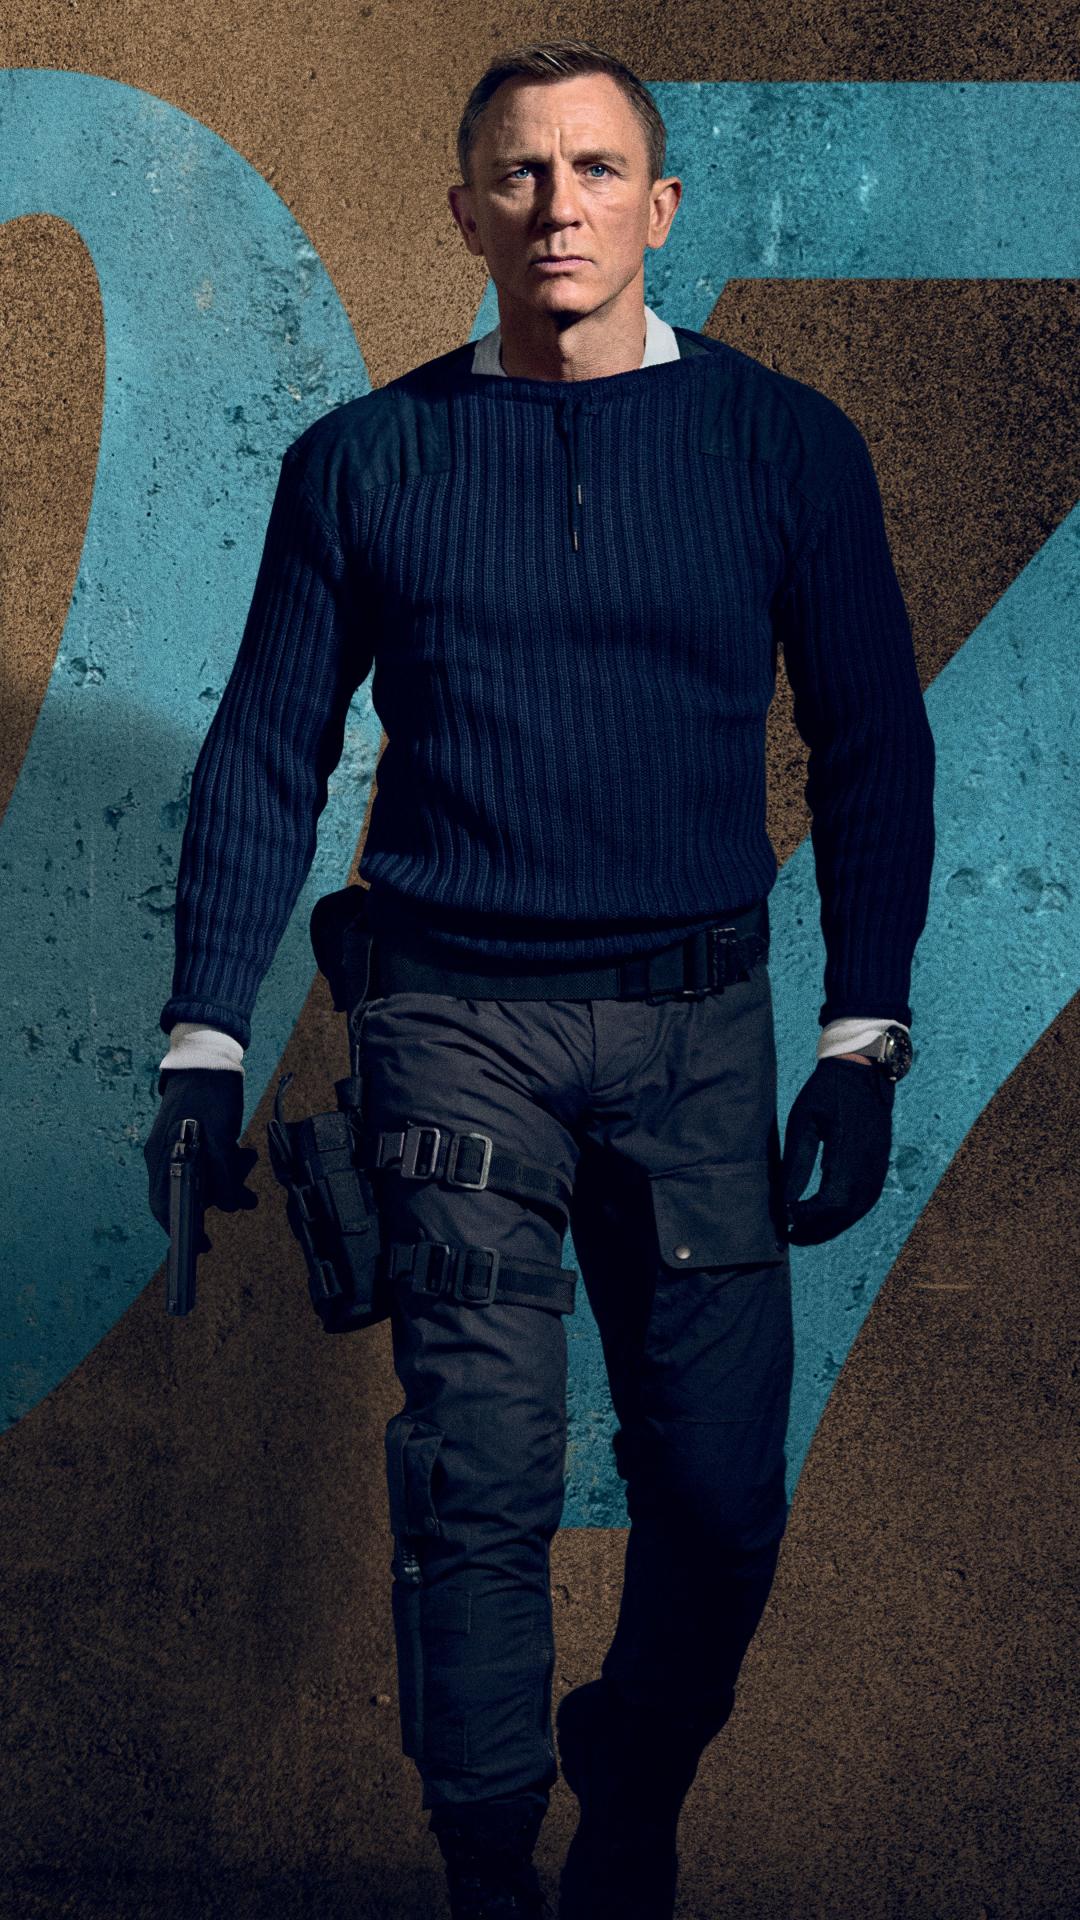 Daniel Craig mobile wallpaper